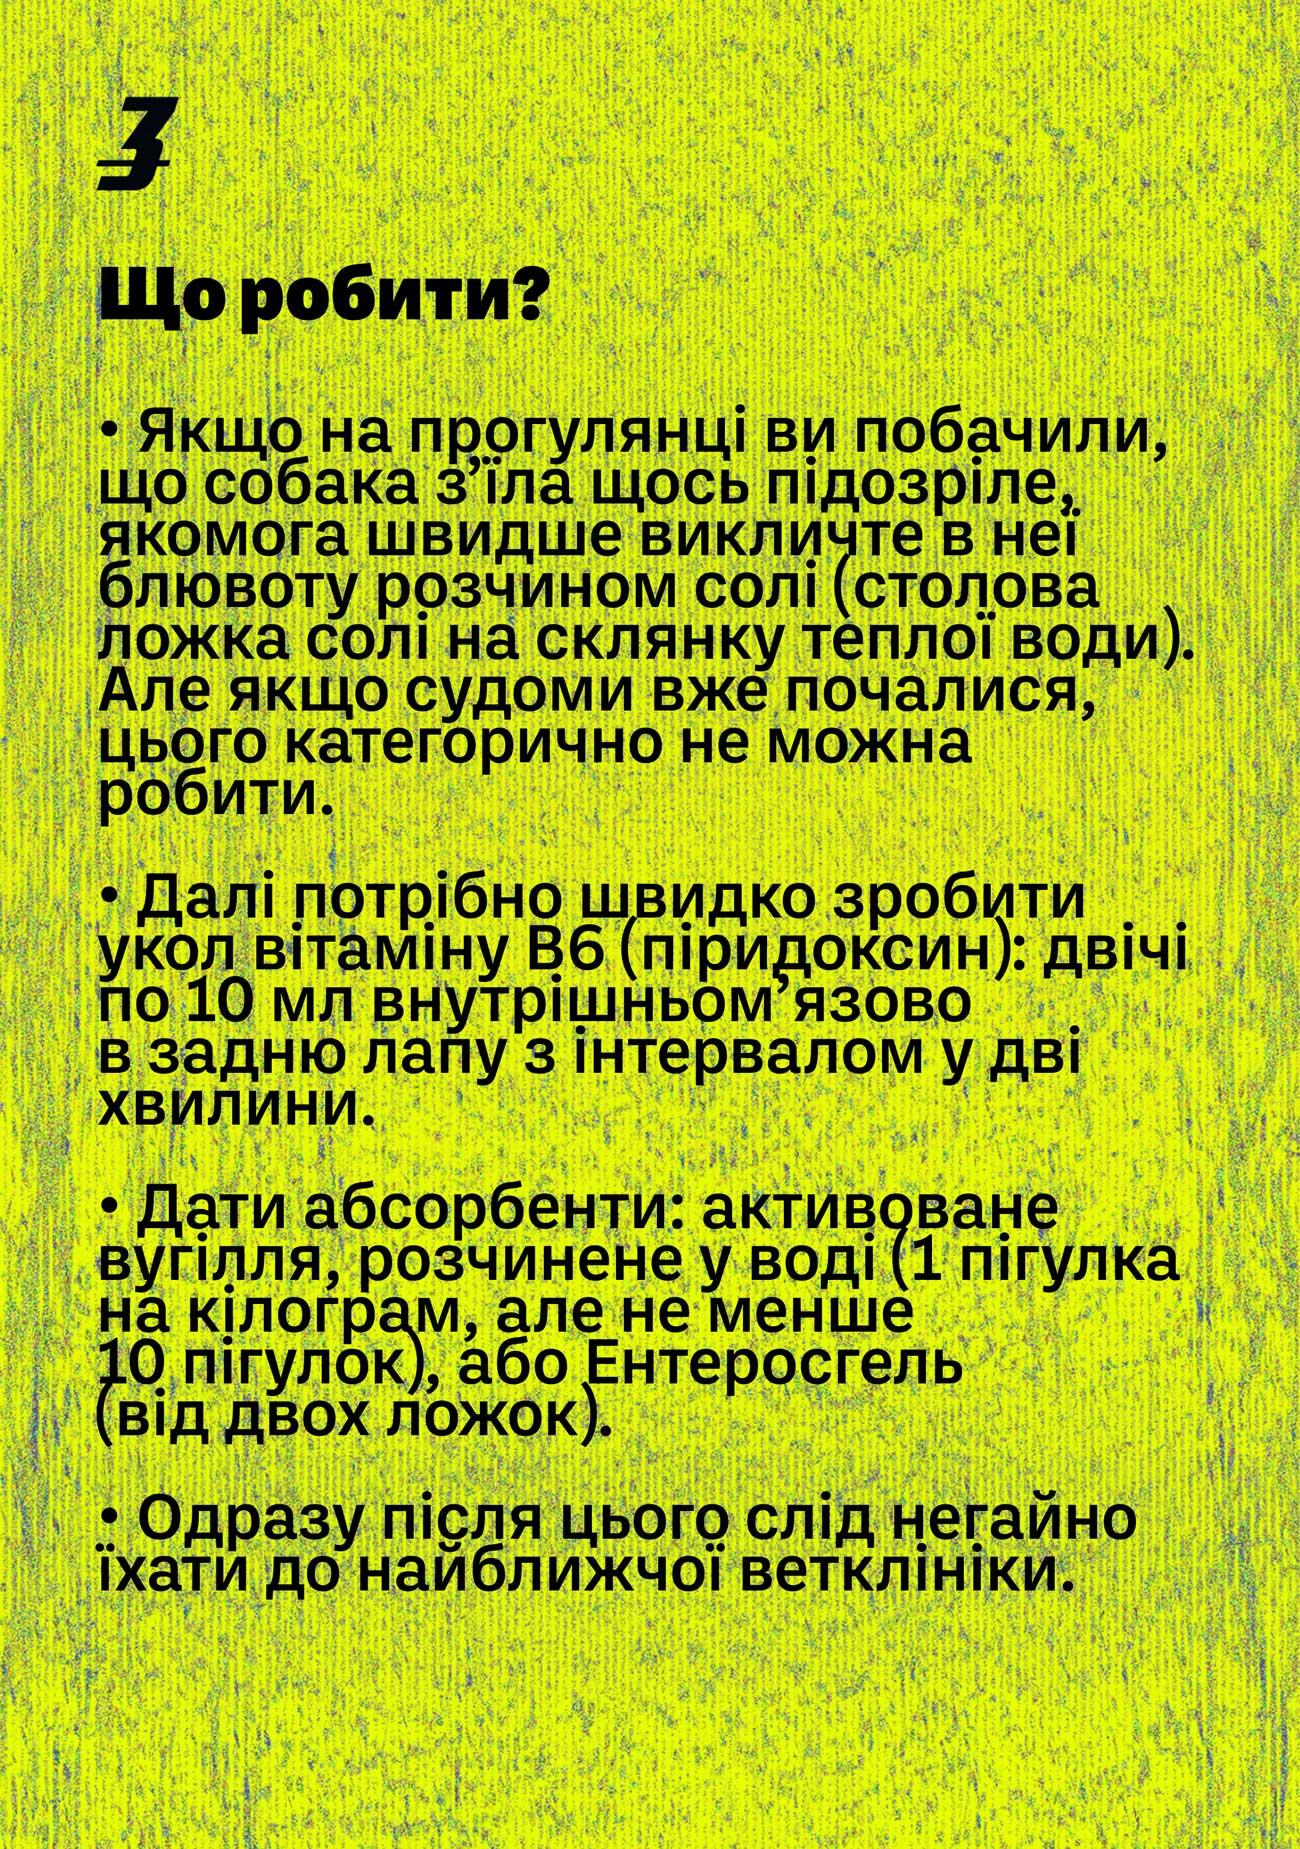 dog hunter ua 05 - <b>Здається, мою собаку отруїли.</b> Що робити? - Заборона